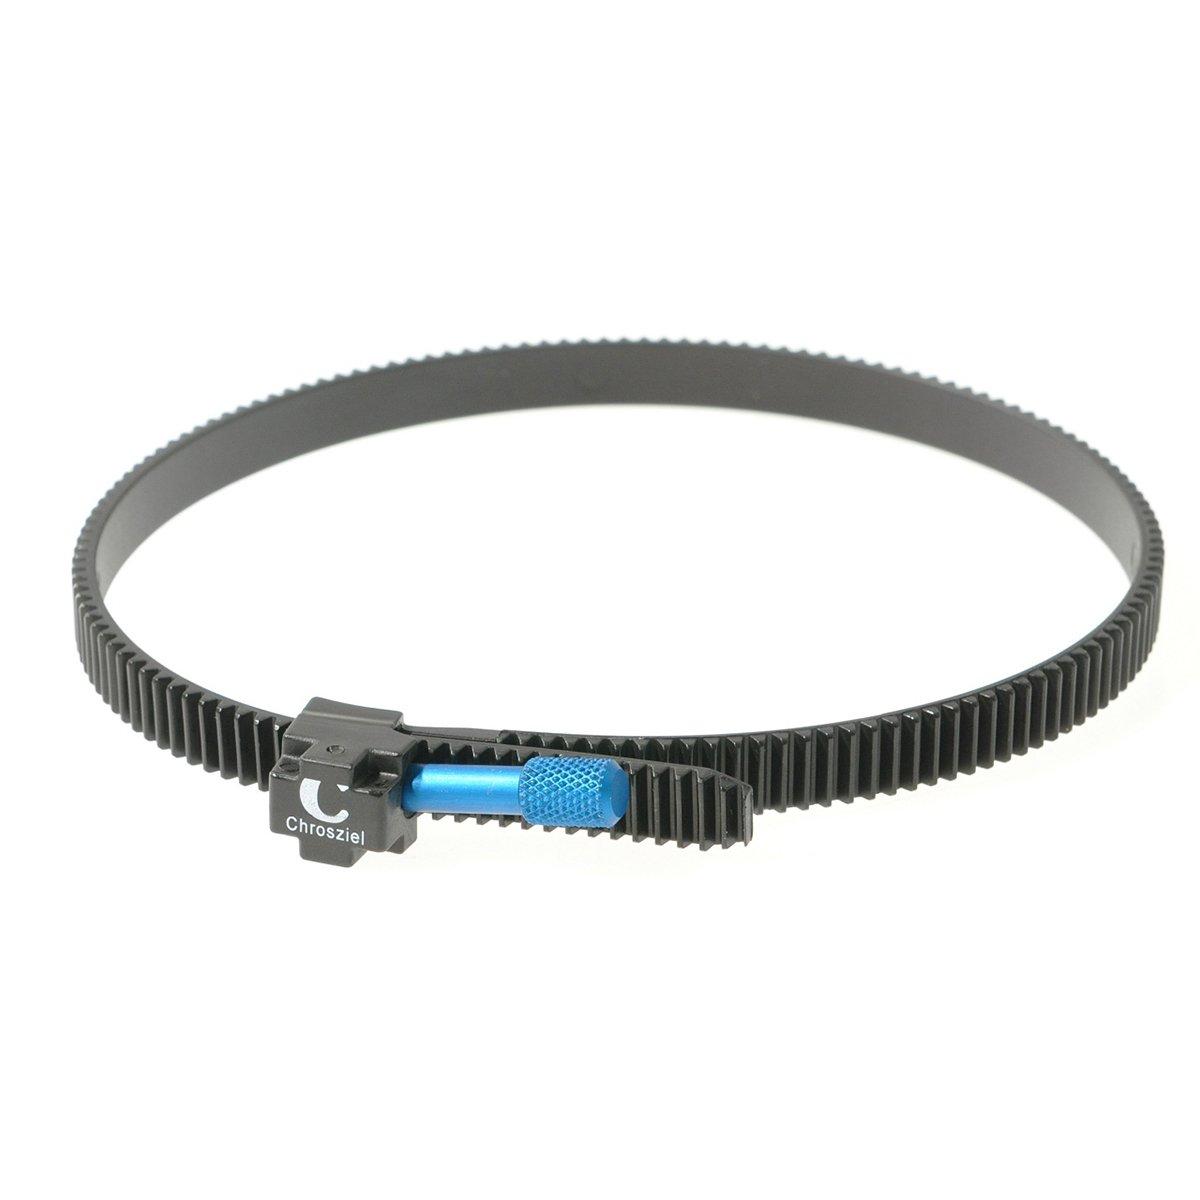 CHROSZIEL C-206-30 Flexi-Gear for DSLR Type Lenses of 60 to 120mm Diameter (Black)